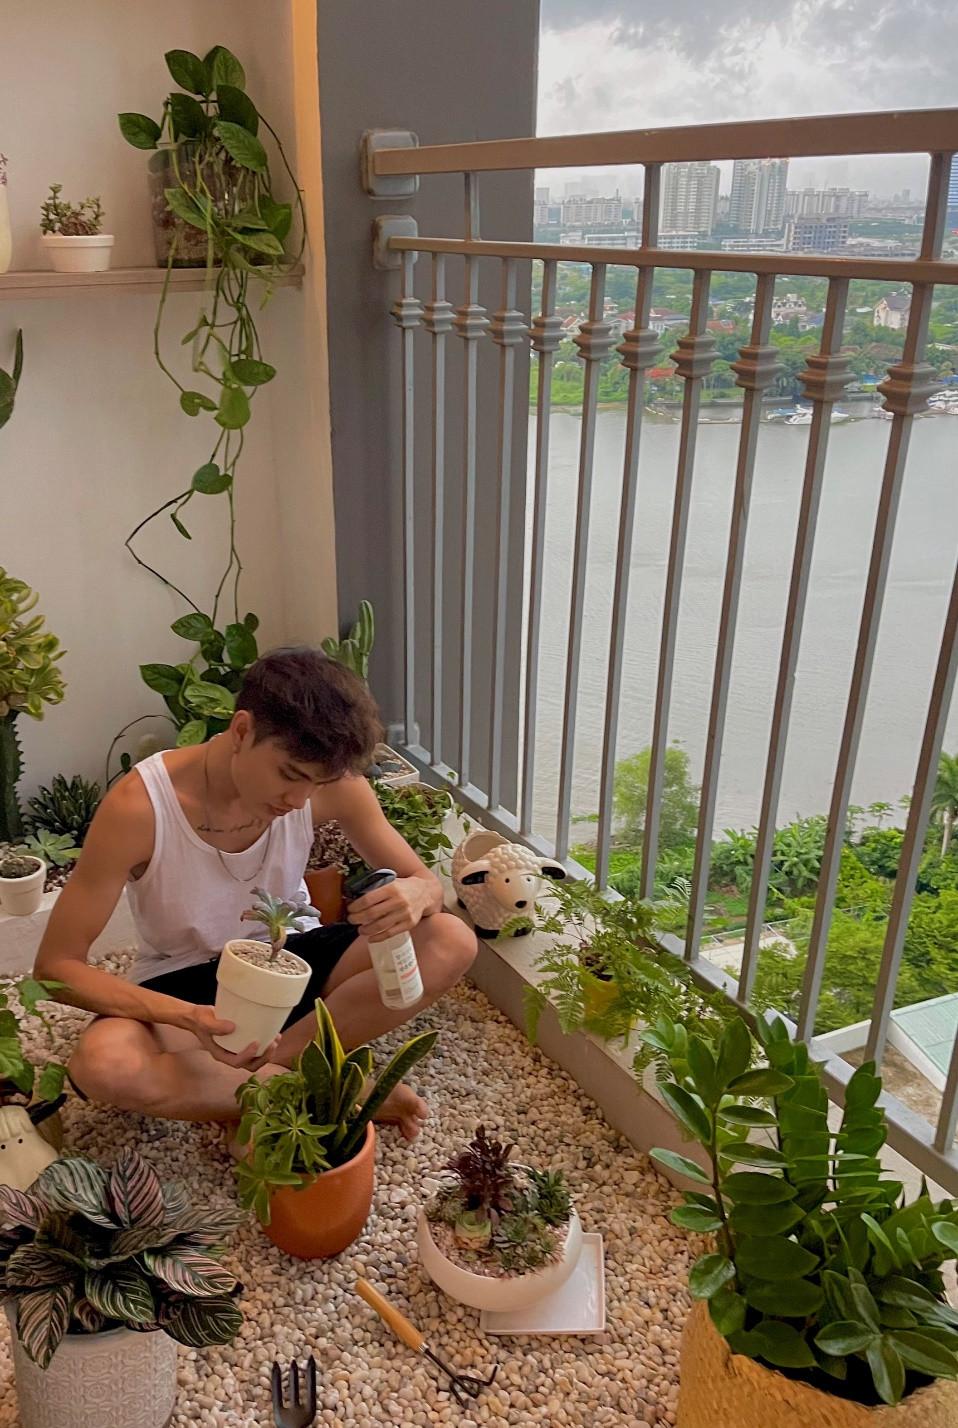 Sài Gòn trồng cây, hẹn gặp nhau khi hoa nở - 3